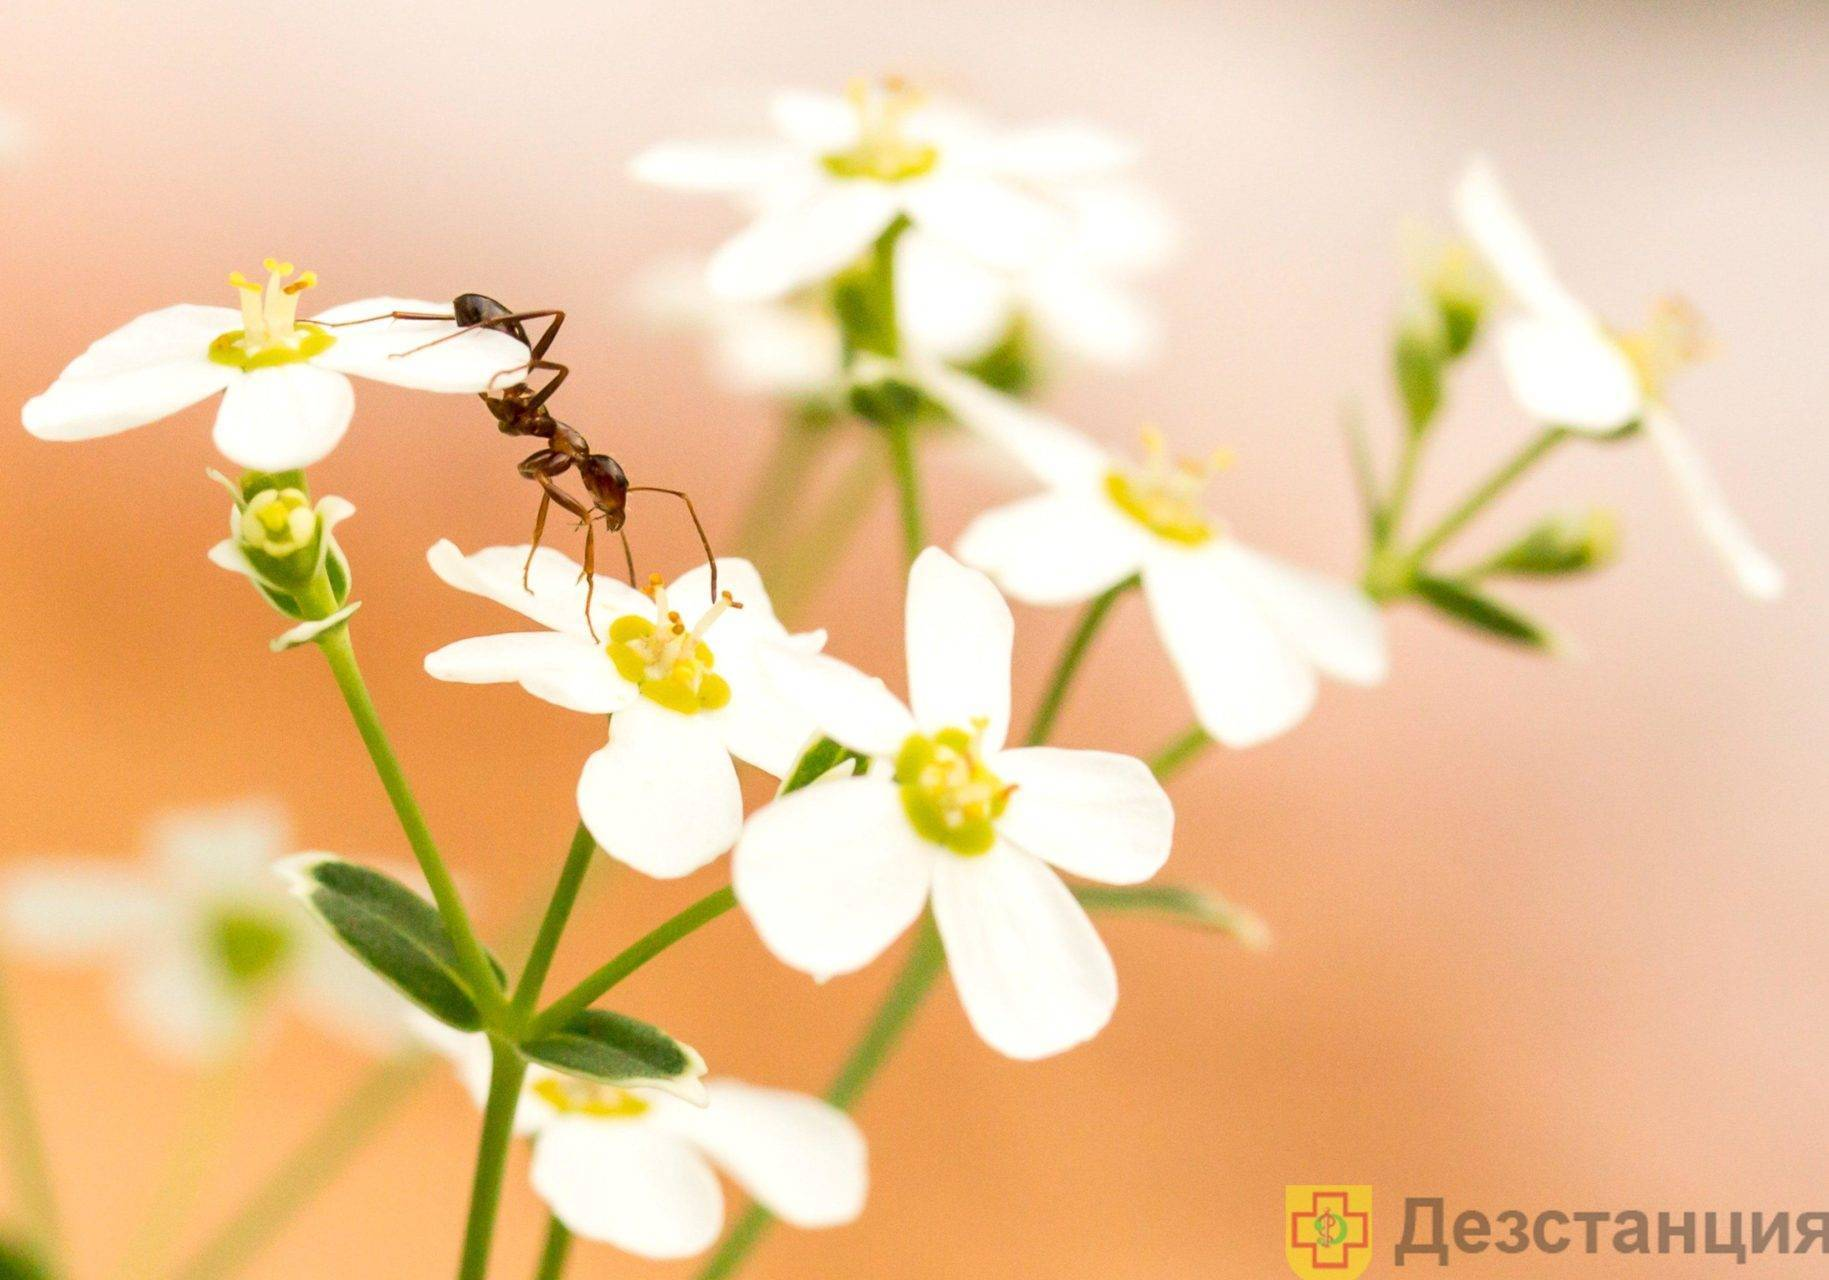 Как избавиться от муравьев в квартире навсегда, рыжие муравьи дома